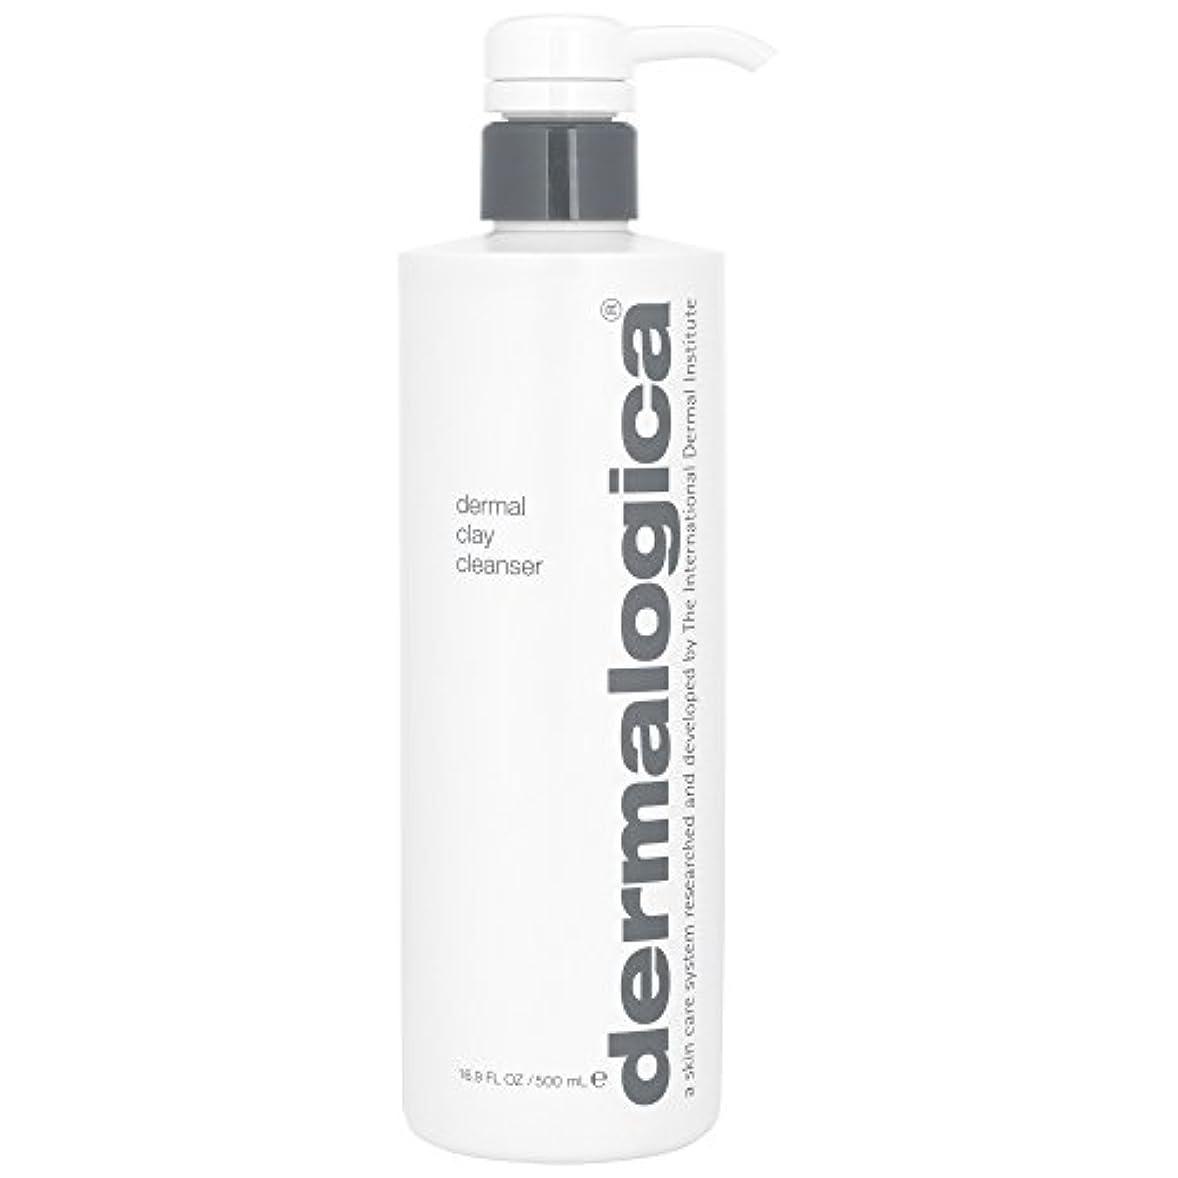 レタス軽蔑する路面電車ダーマロジカ真皮クレイクレンザー500ミリリットル (Dermalogica) (x2) - Dermalogica Dermal Clay Cleanser 500ml (Pack of 2) [並行輸入品]